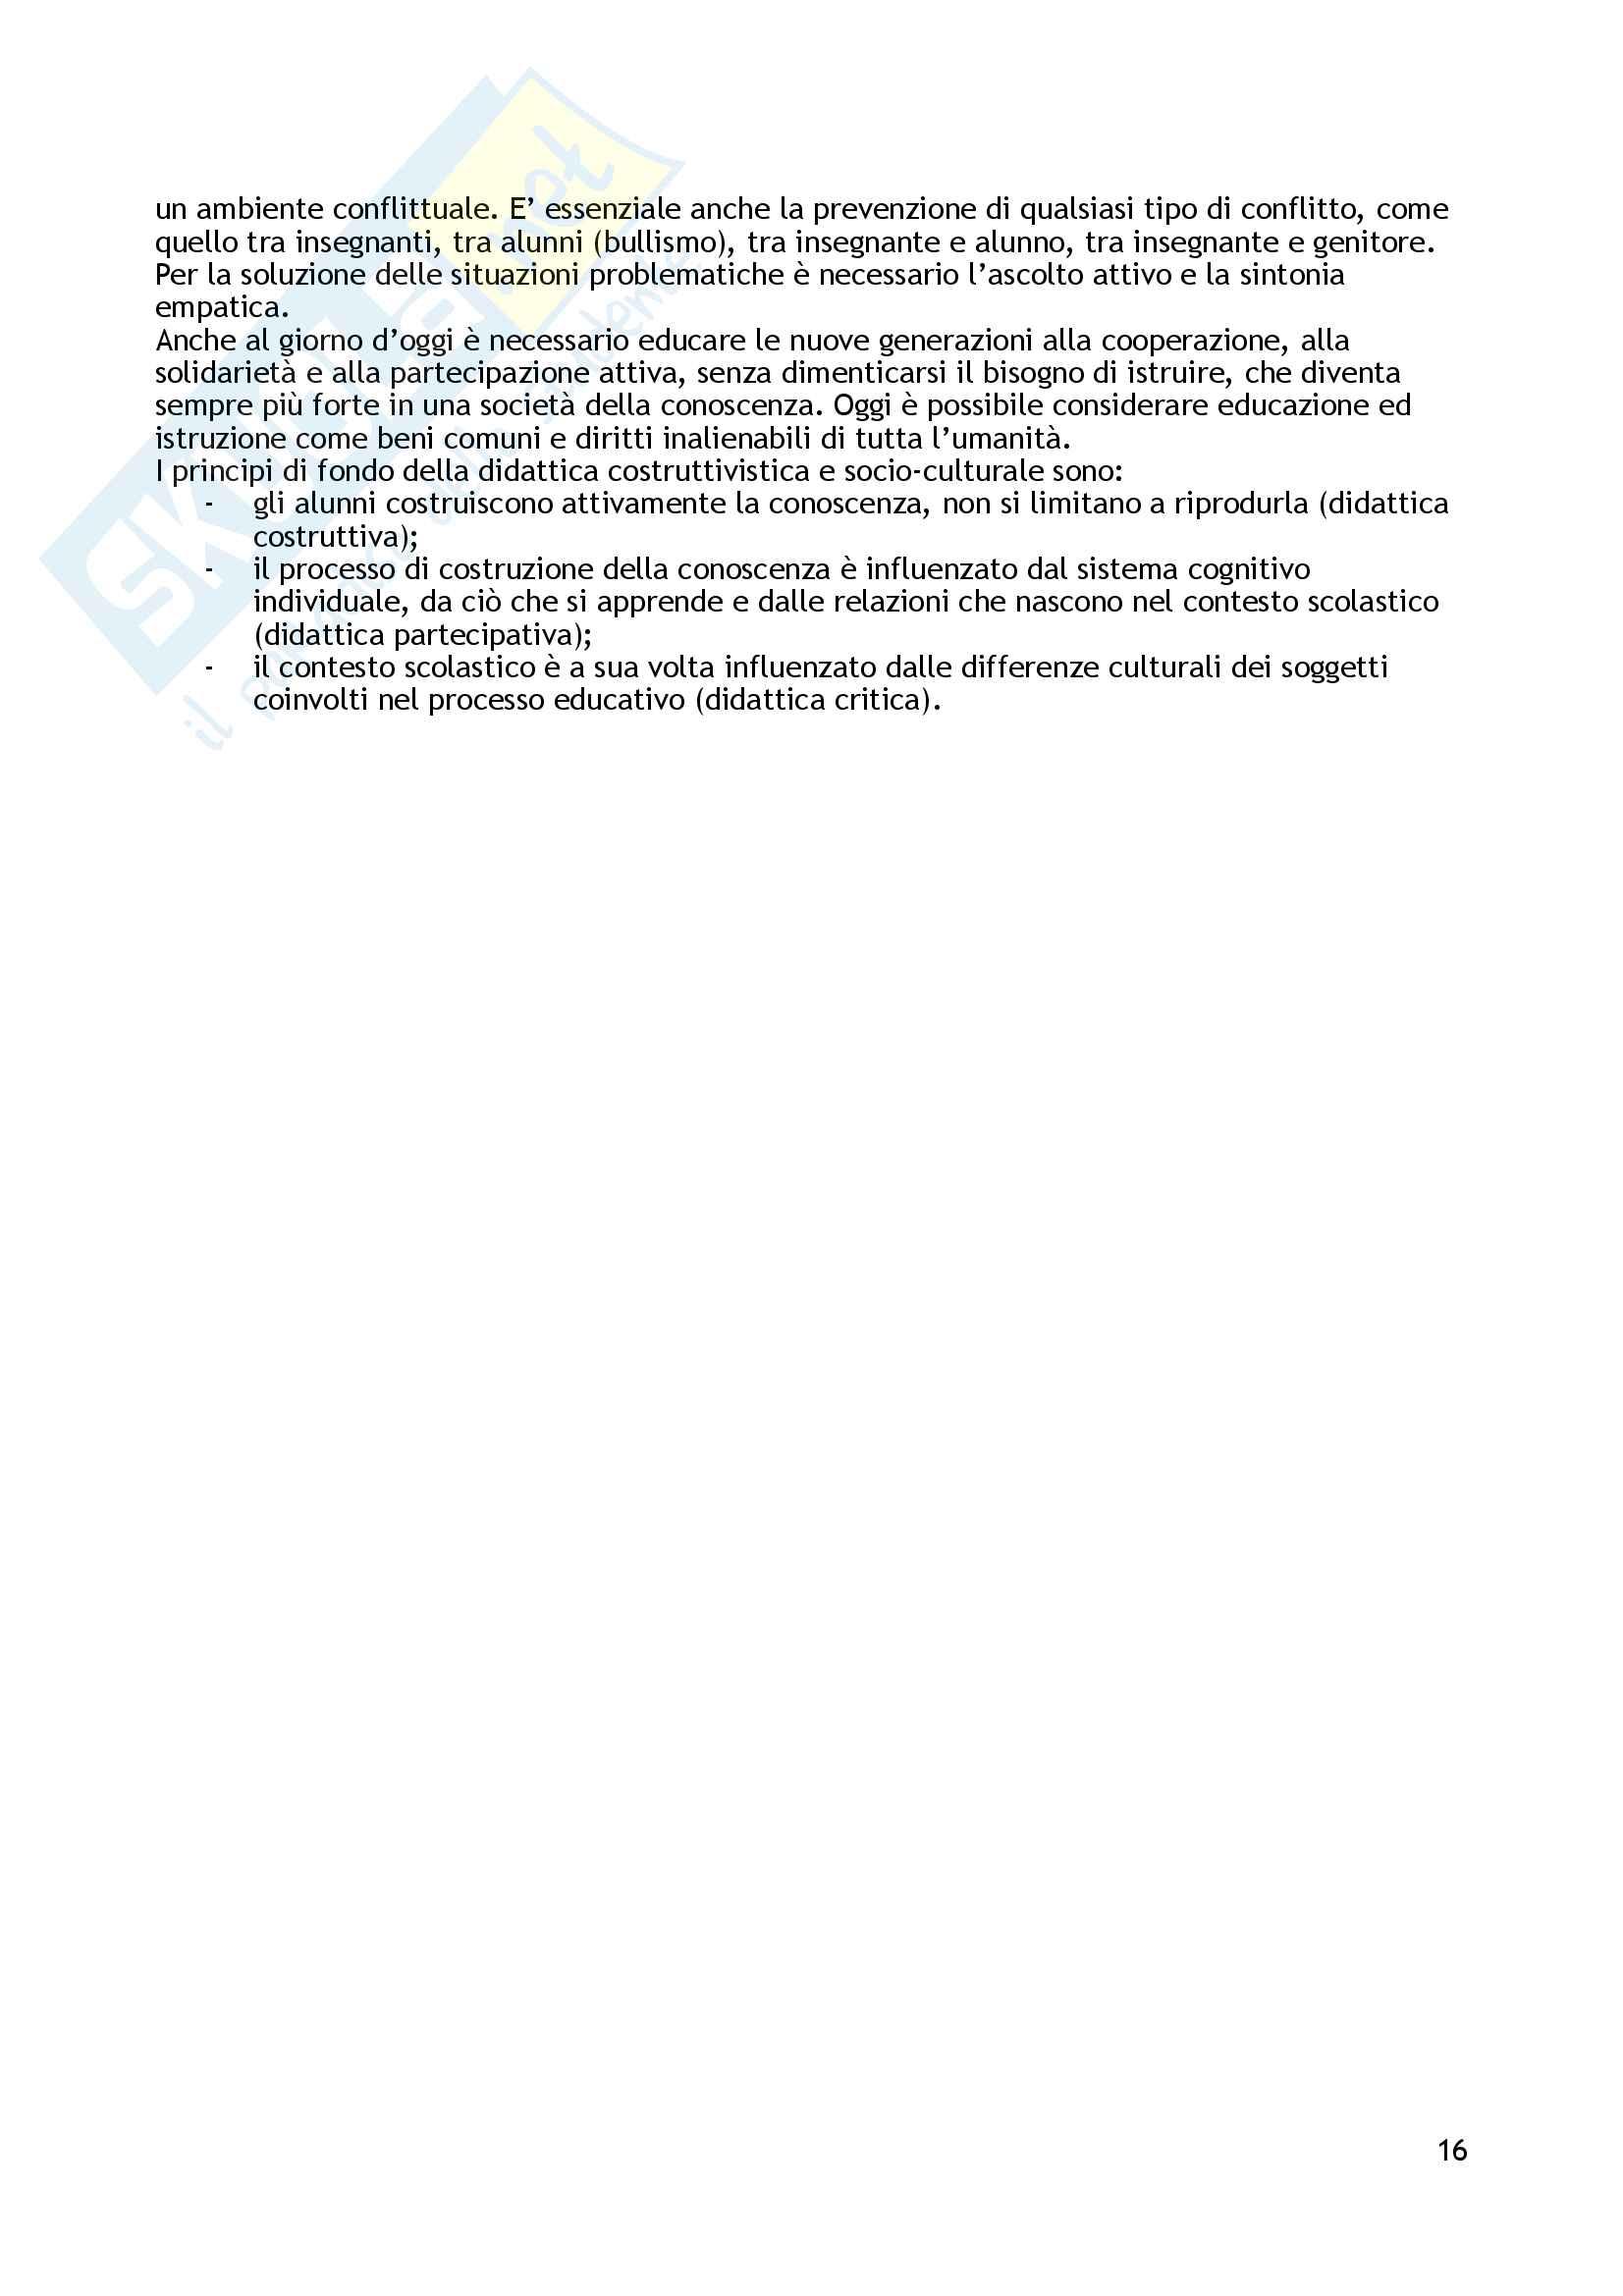 """Riassunto esame Didattica generale, prof. Giuliano Franceschini, libro consigliato """"Insegnanti consapevoli. Saperi e competenze per insegnanti di scuola dell'infanzia e di scuola primaria"""", Franceschini Giuliano Pag. 16"""